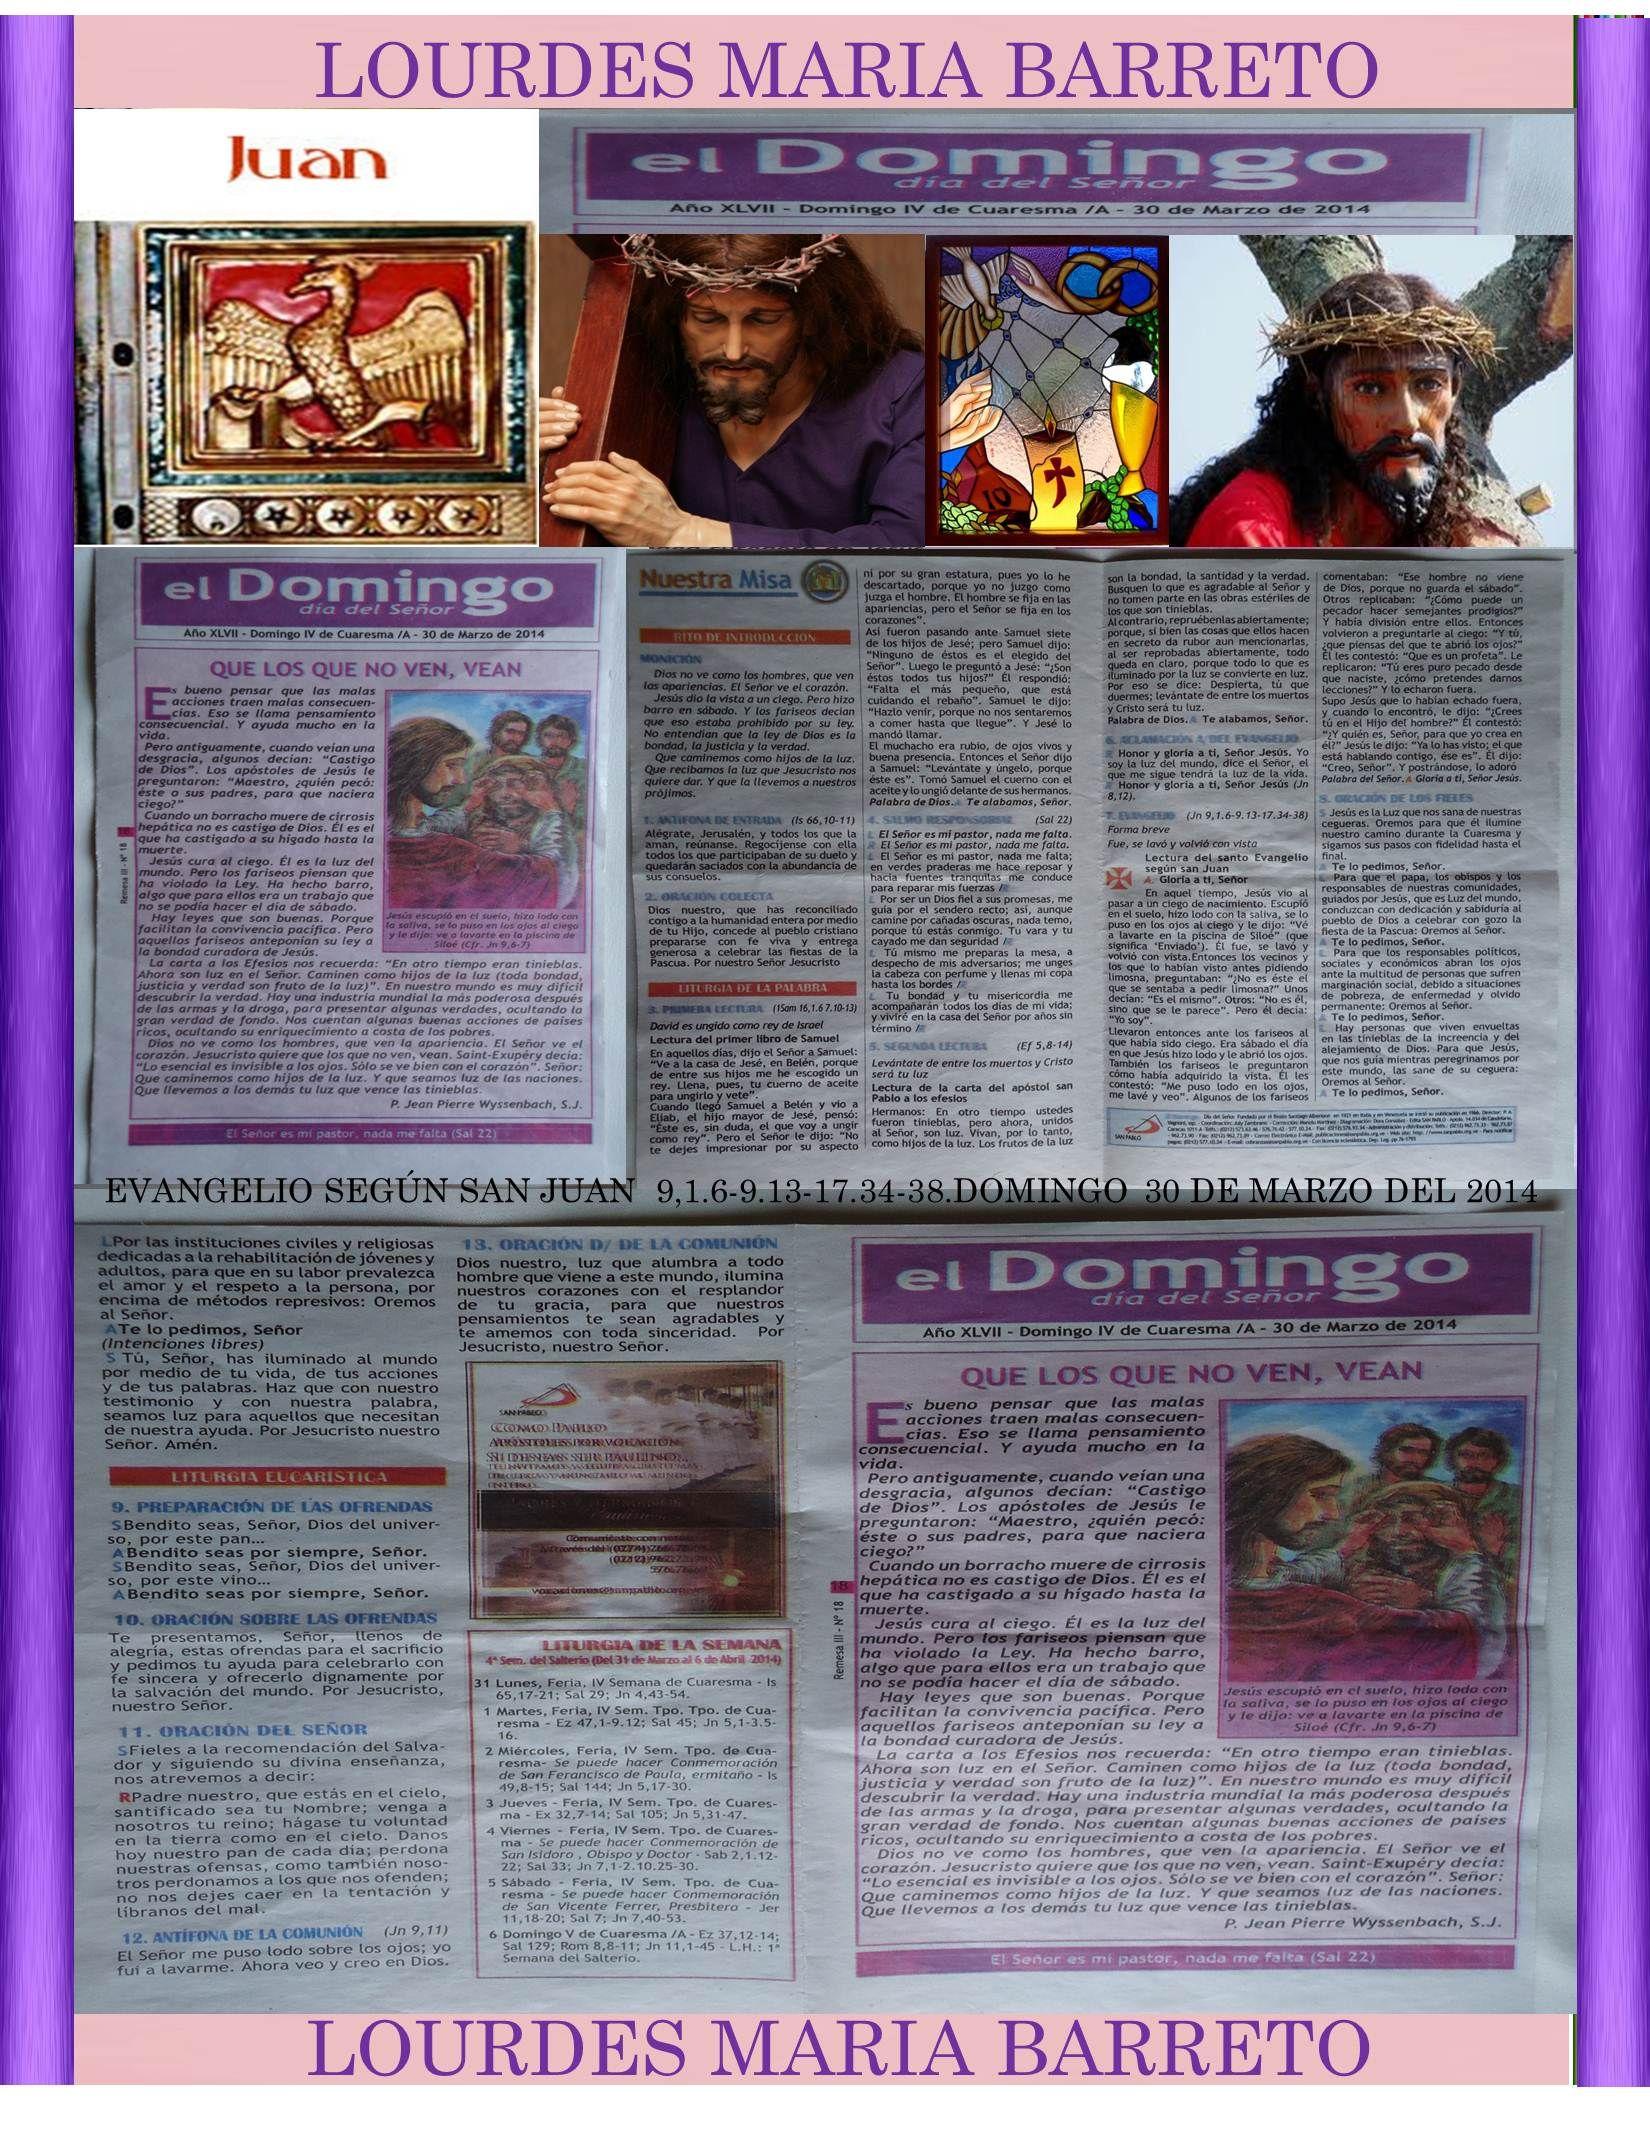 REMESA DOMINGO 30 DE MARZO 2014.LA HOJITA DEL DOMINGO. EVANGELIO SEGÚN SAN JUAN  9,1.6-9.13-17.34-38. IV DOMINGO DE CUARESMA. PARTE 1 *LOURDES MARÍA BARRETO*